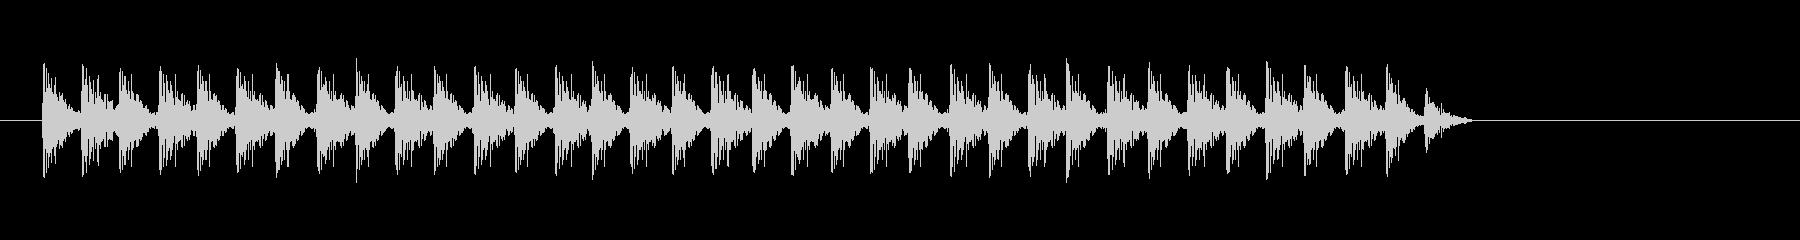 ハートビート-バージョン2の未再生の波形